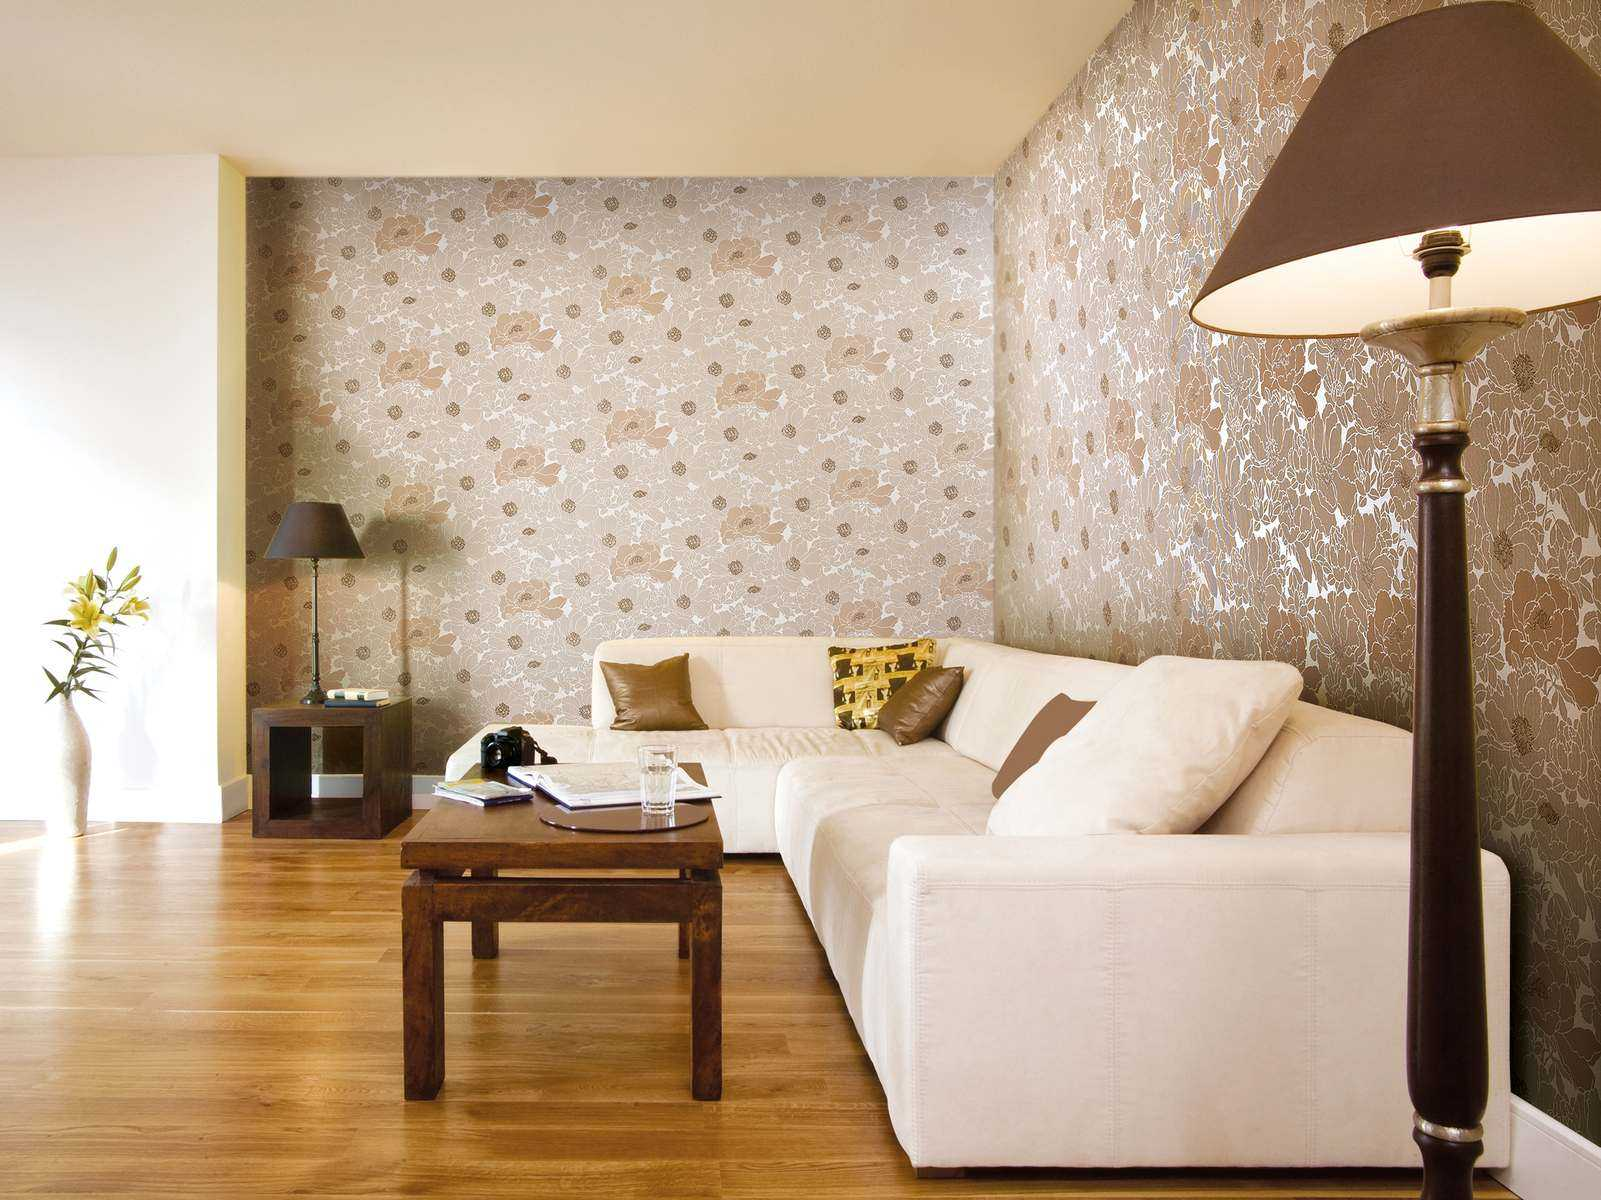 сочетание светлых обоев в дизайне гостиной комнаты